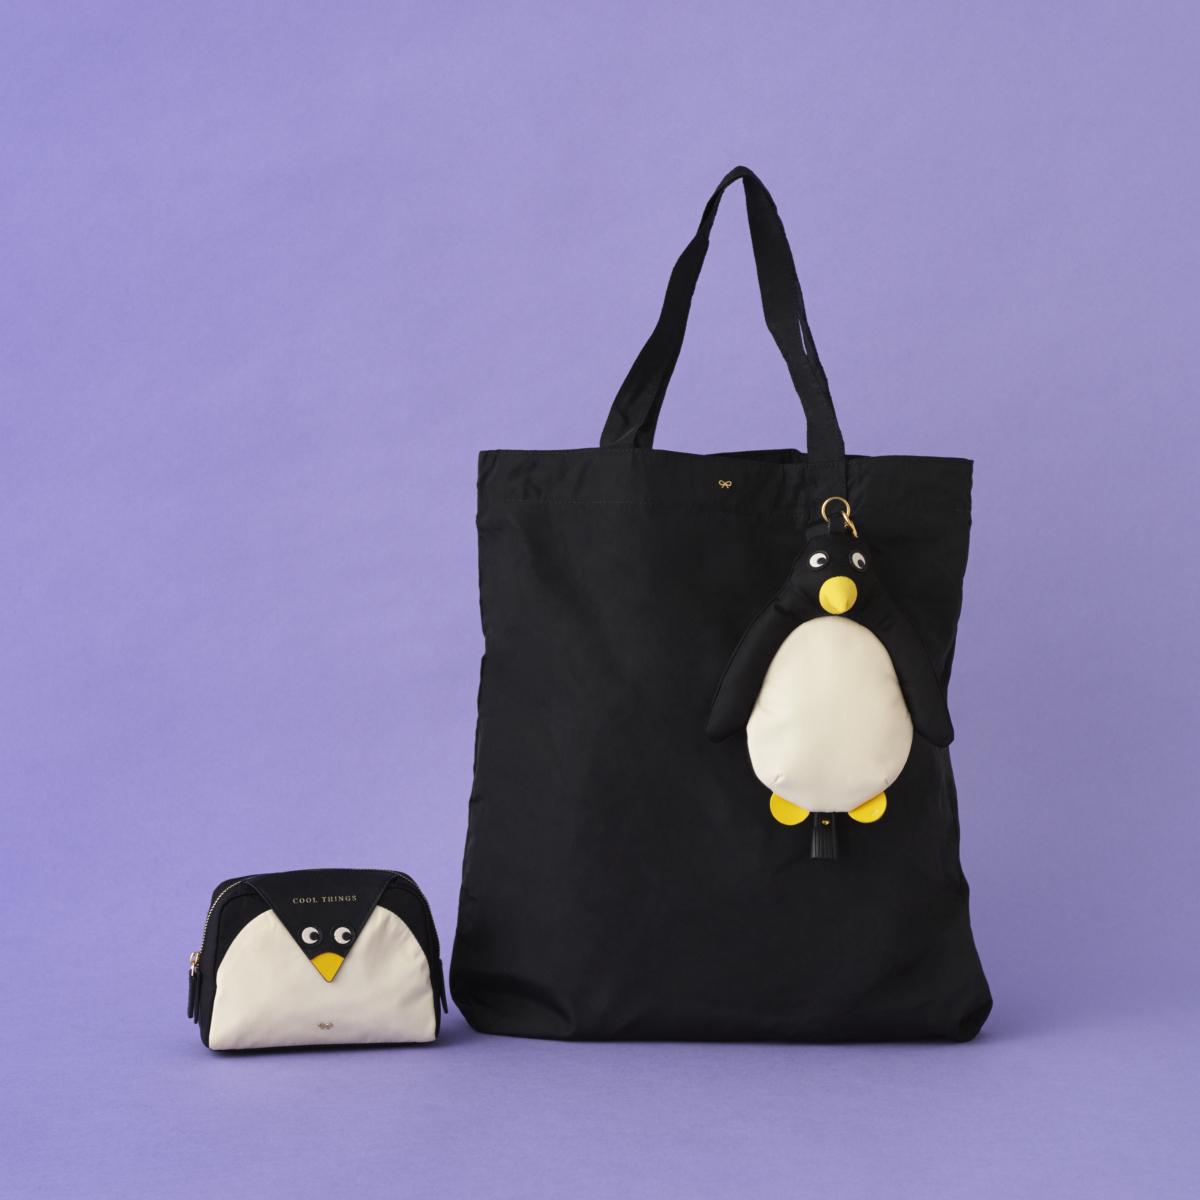 【アニヤ・ハインドマーチ】真っ白なお腹がキュートなペンギンギフト